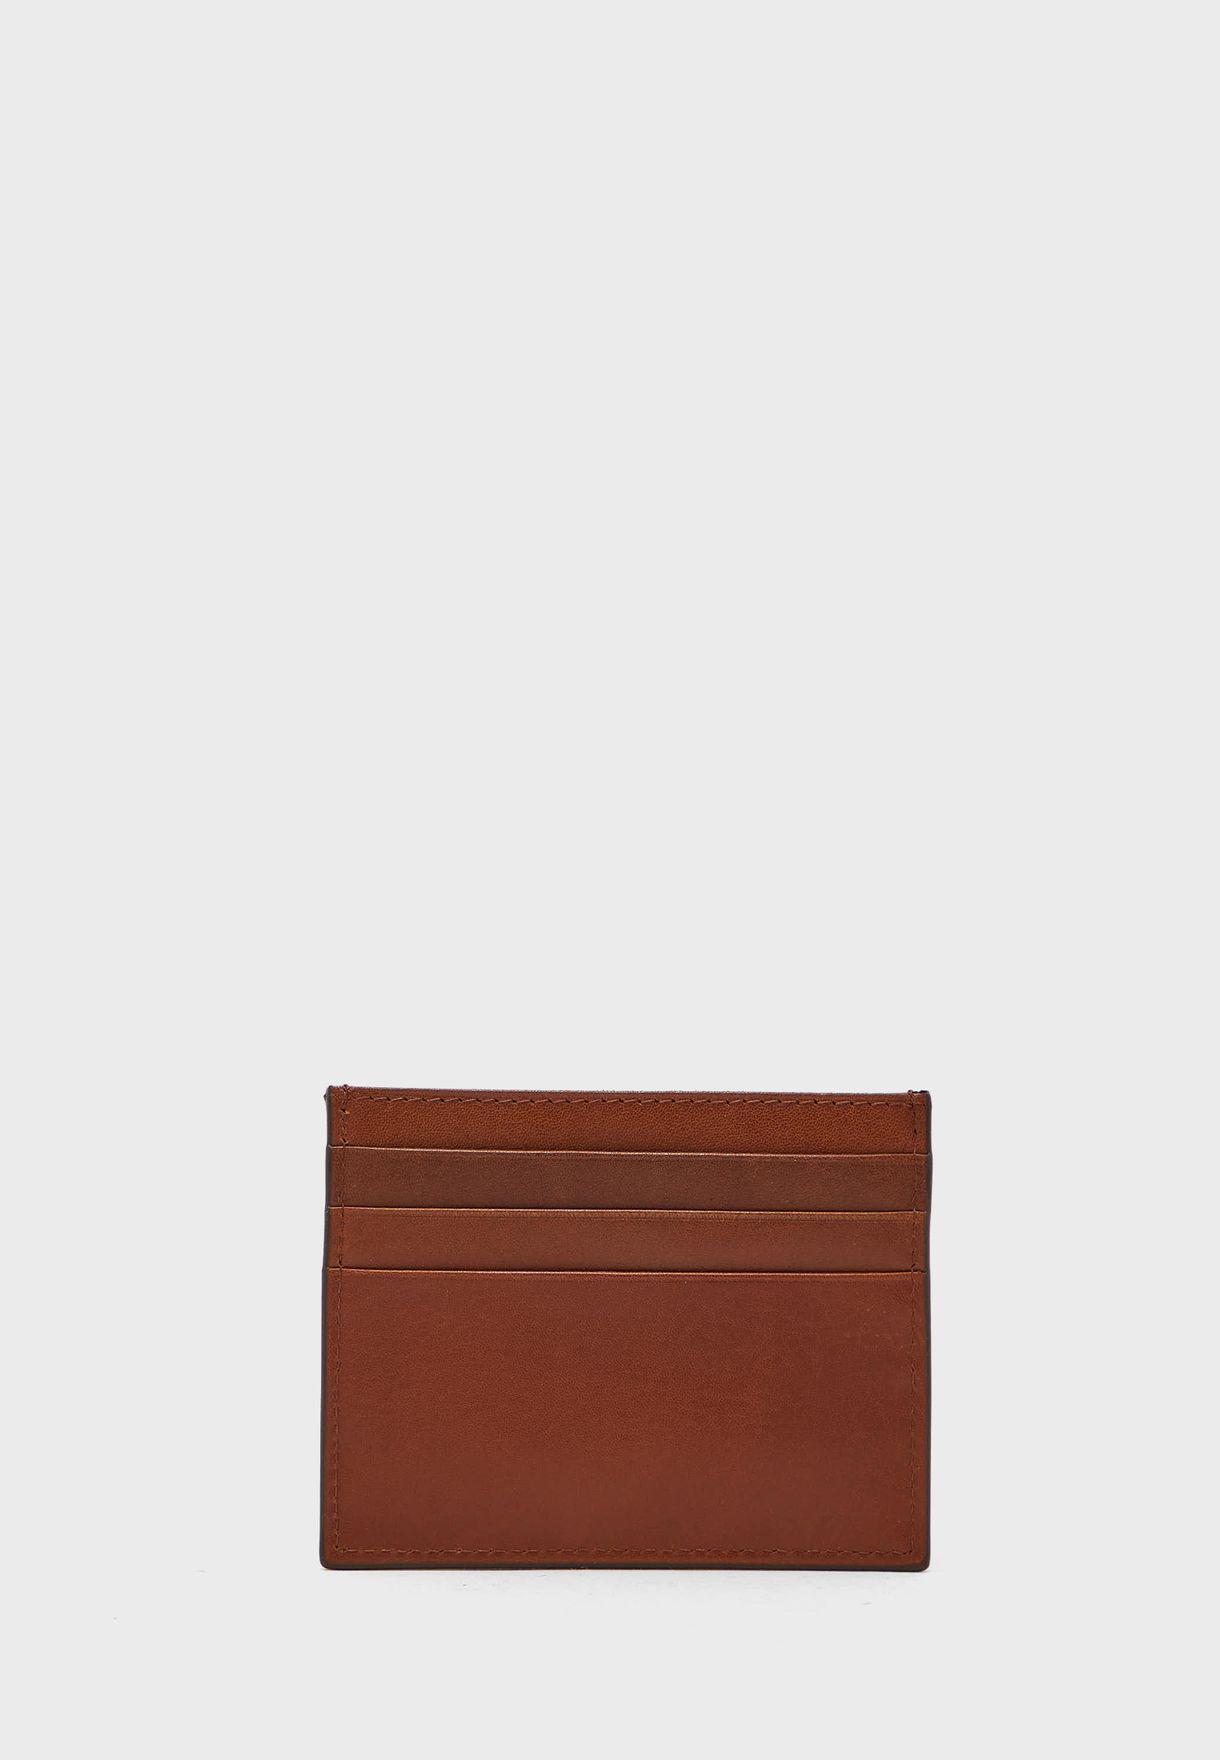 محفظة جلد بشعار الماركة